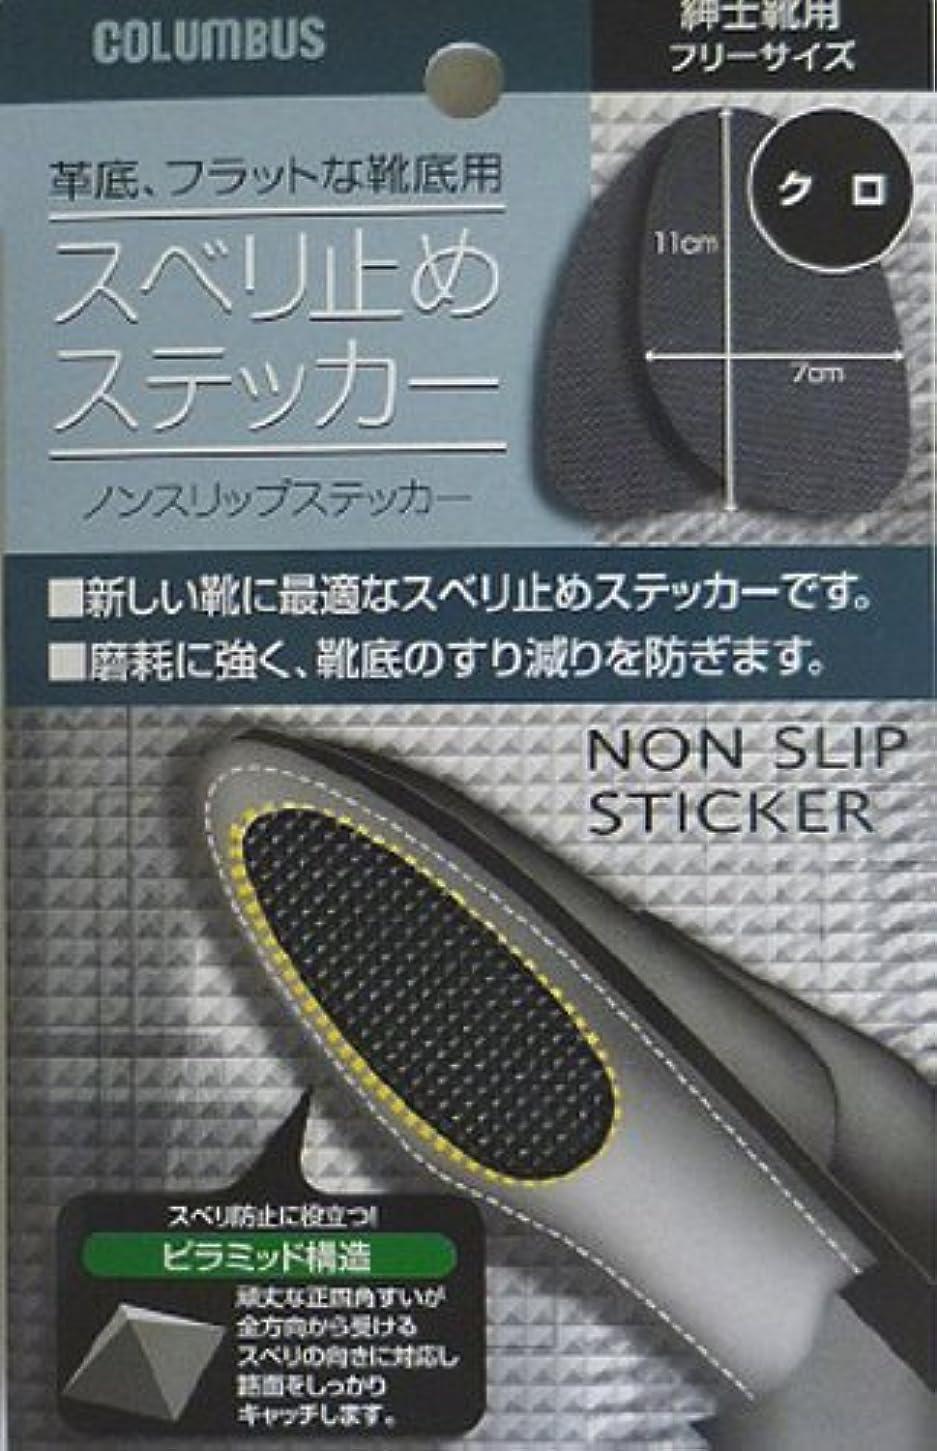 正確さ申請中主人ノンスリップステッカー 紳士靴用 フリーサイズ ブラック